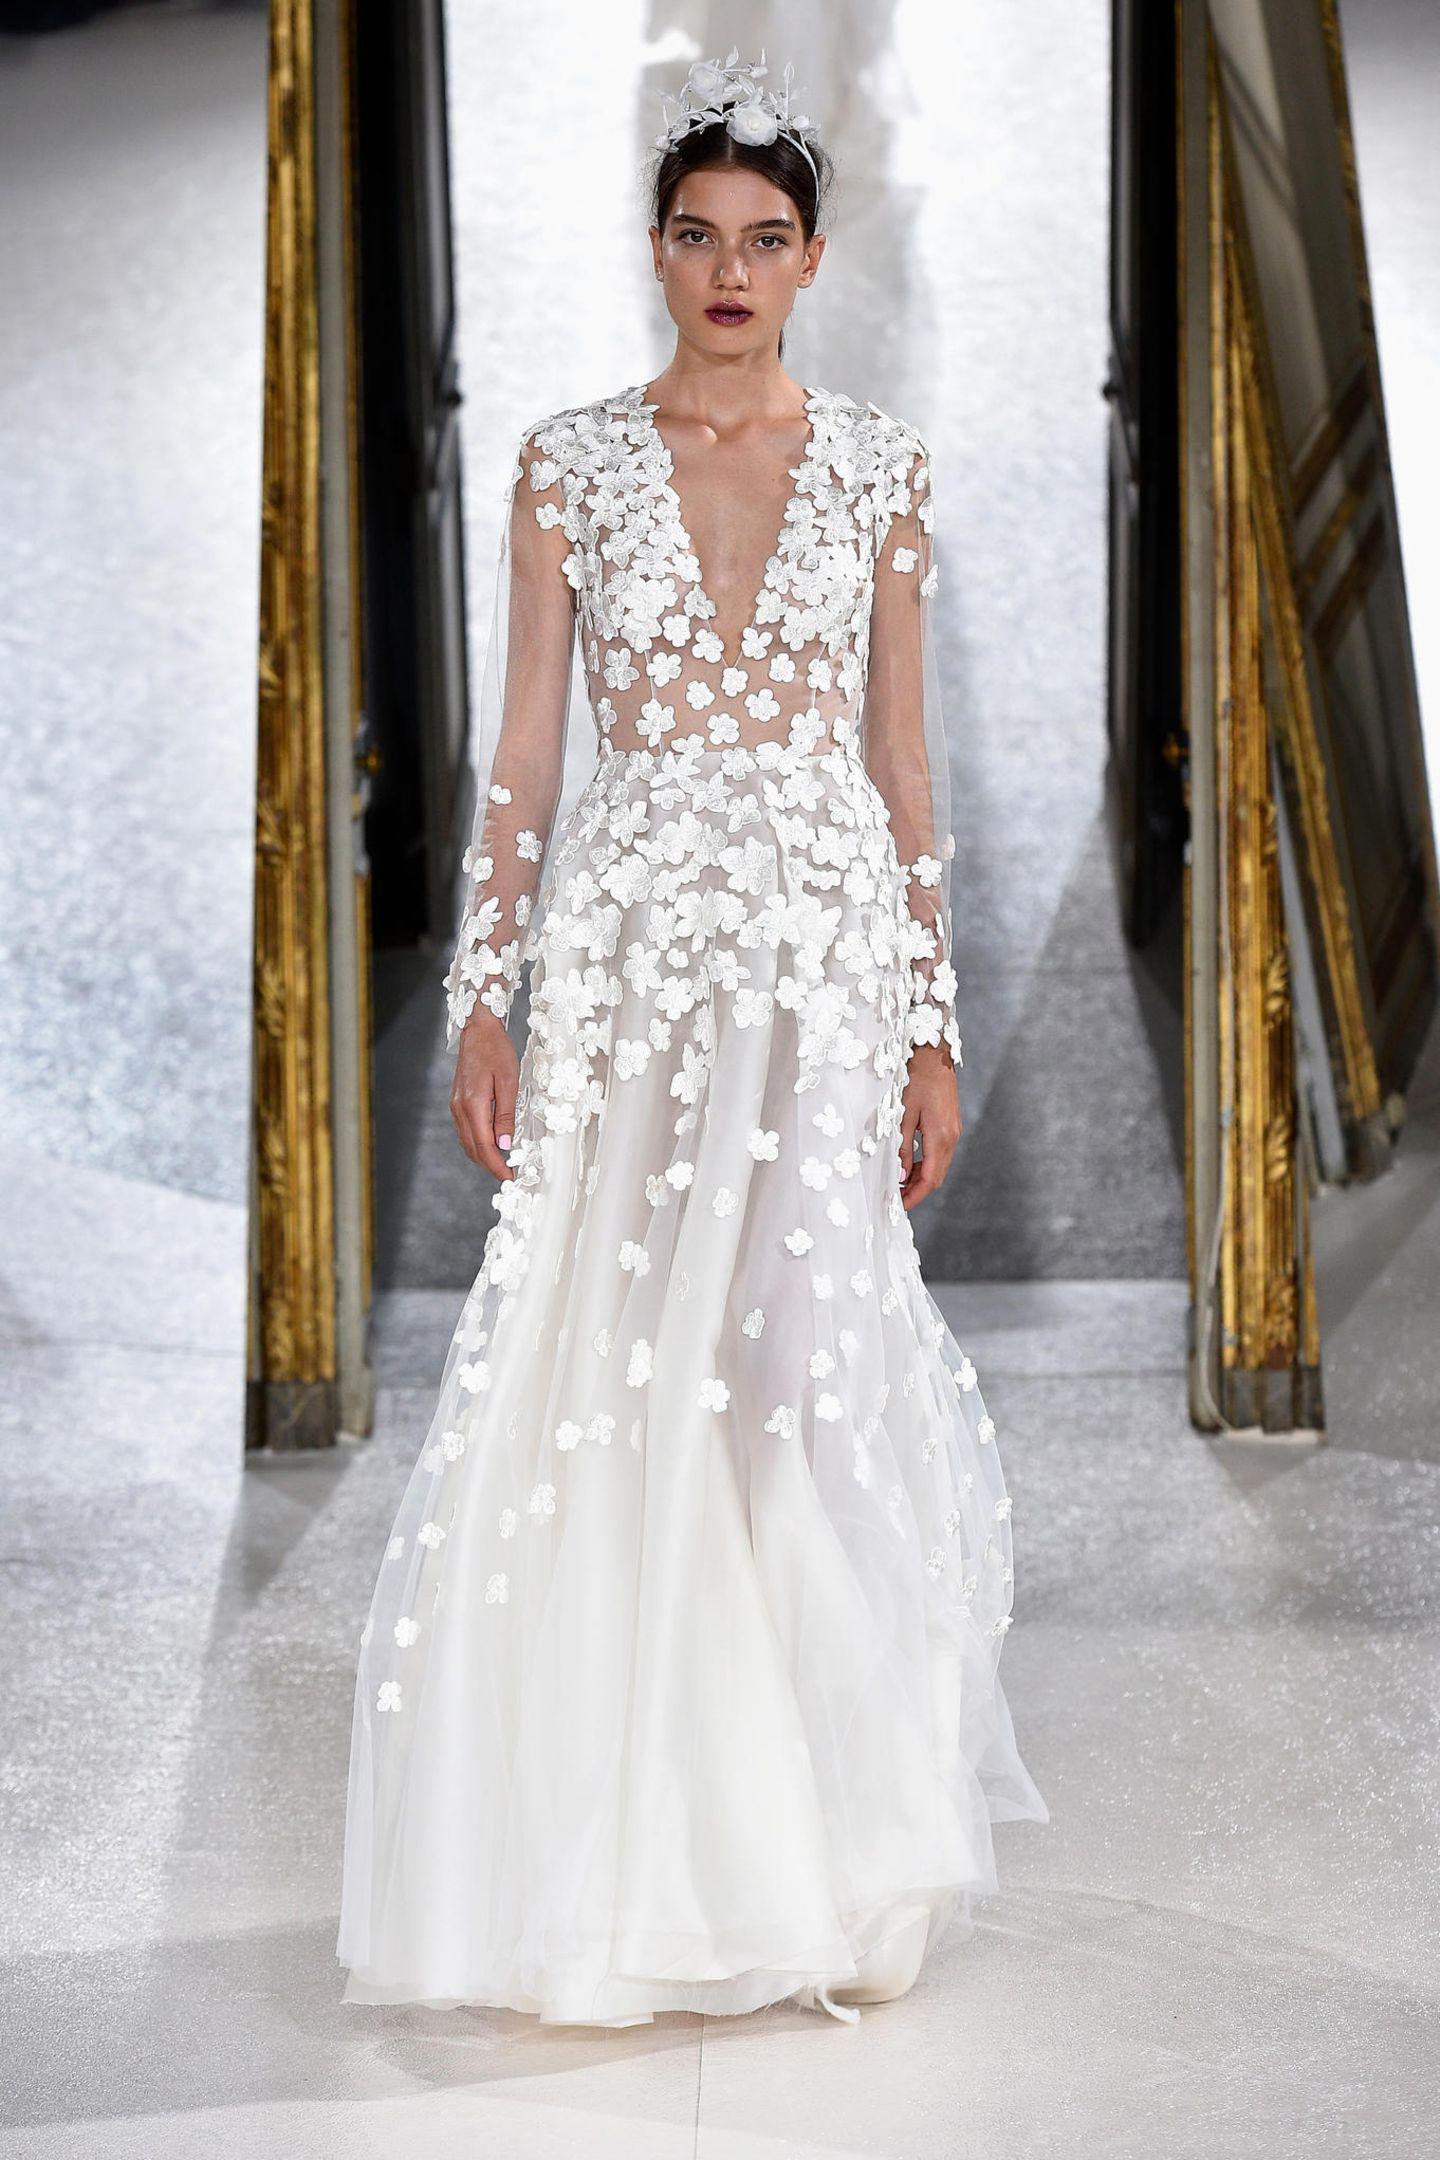 Brautkleider 17: Diese Trends sind ein wahrer Traum  GALA.de